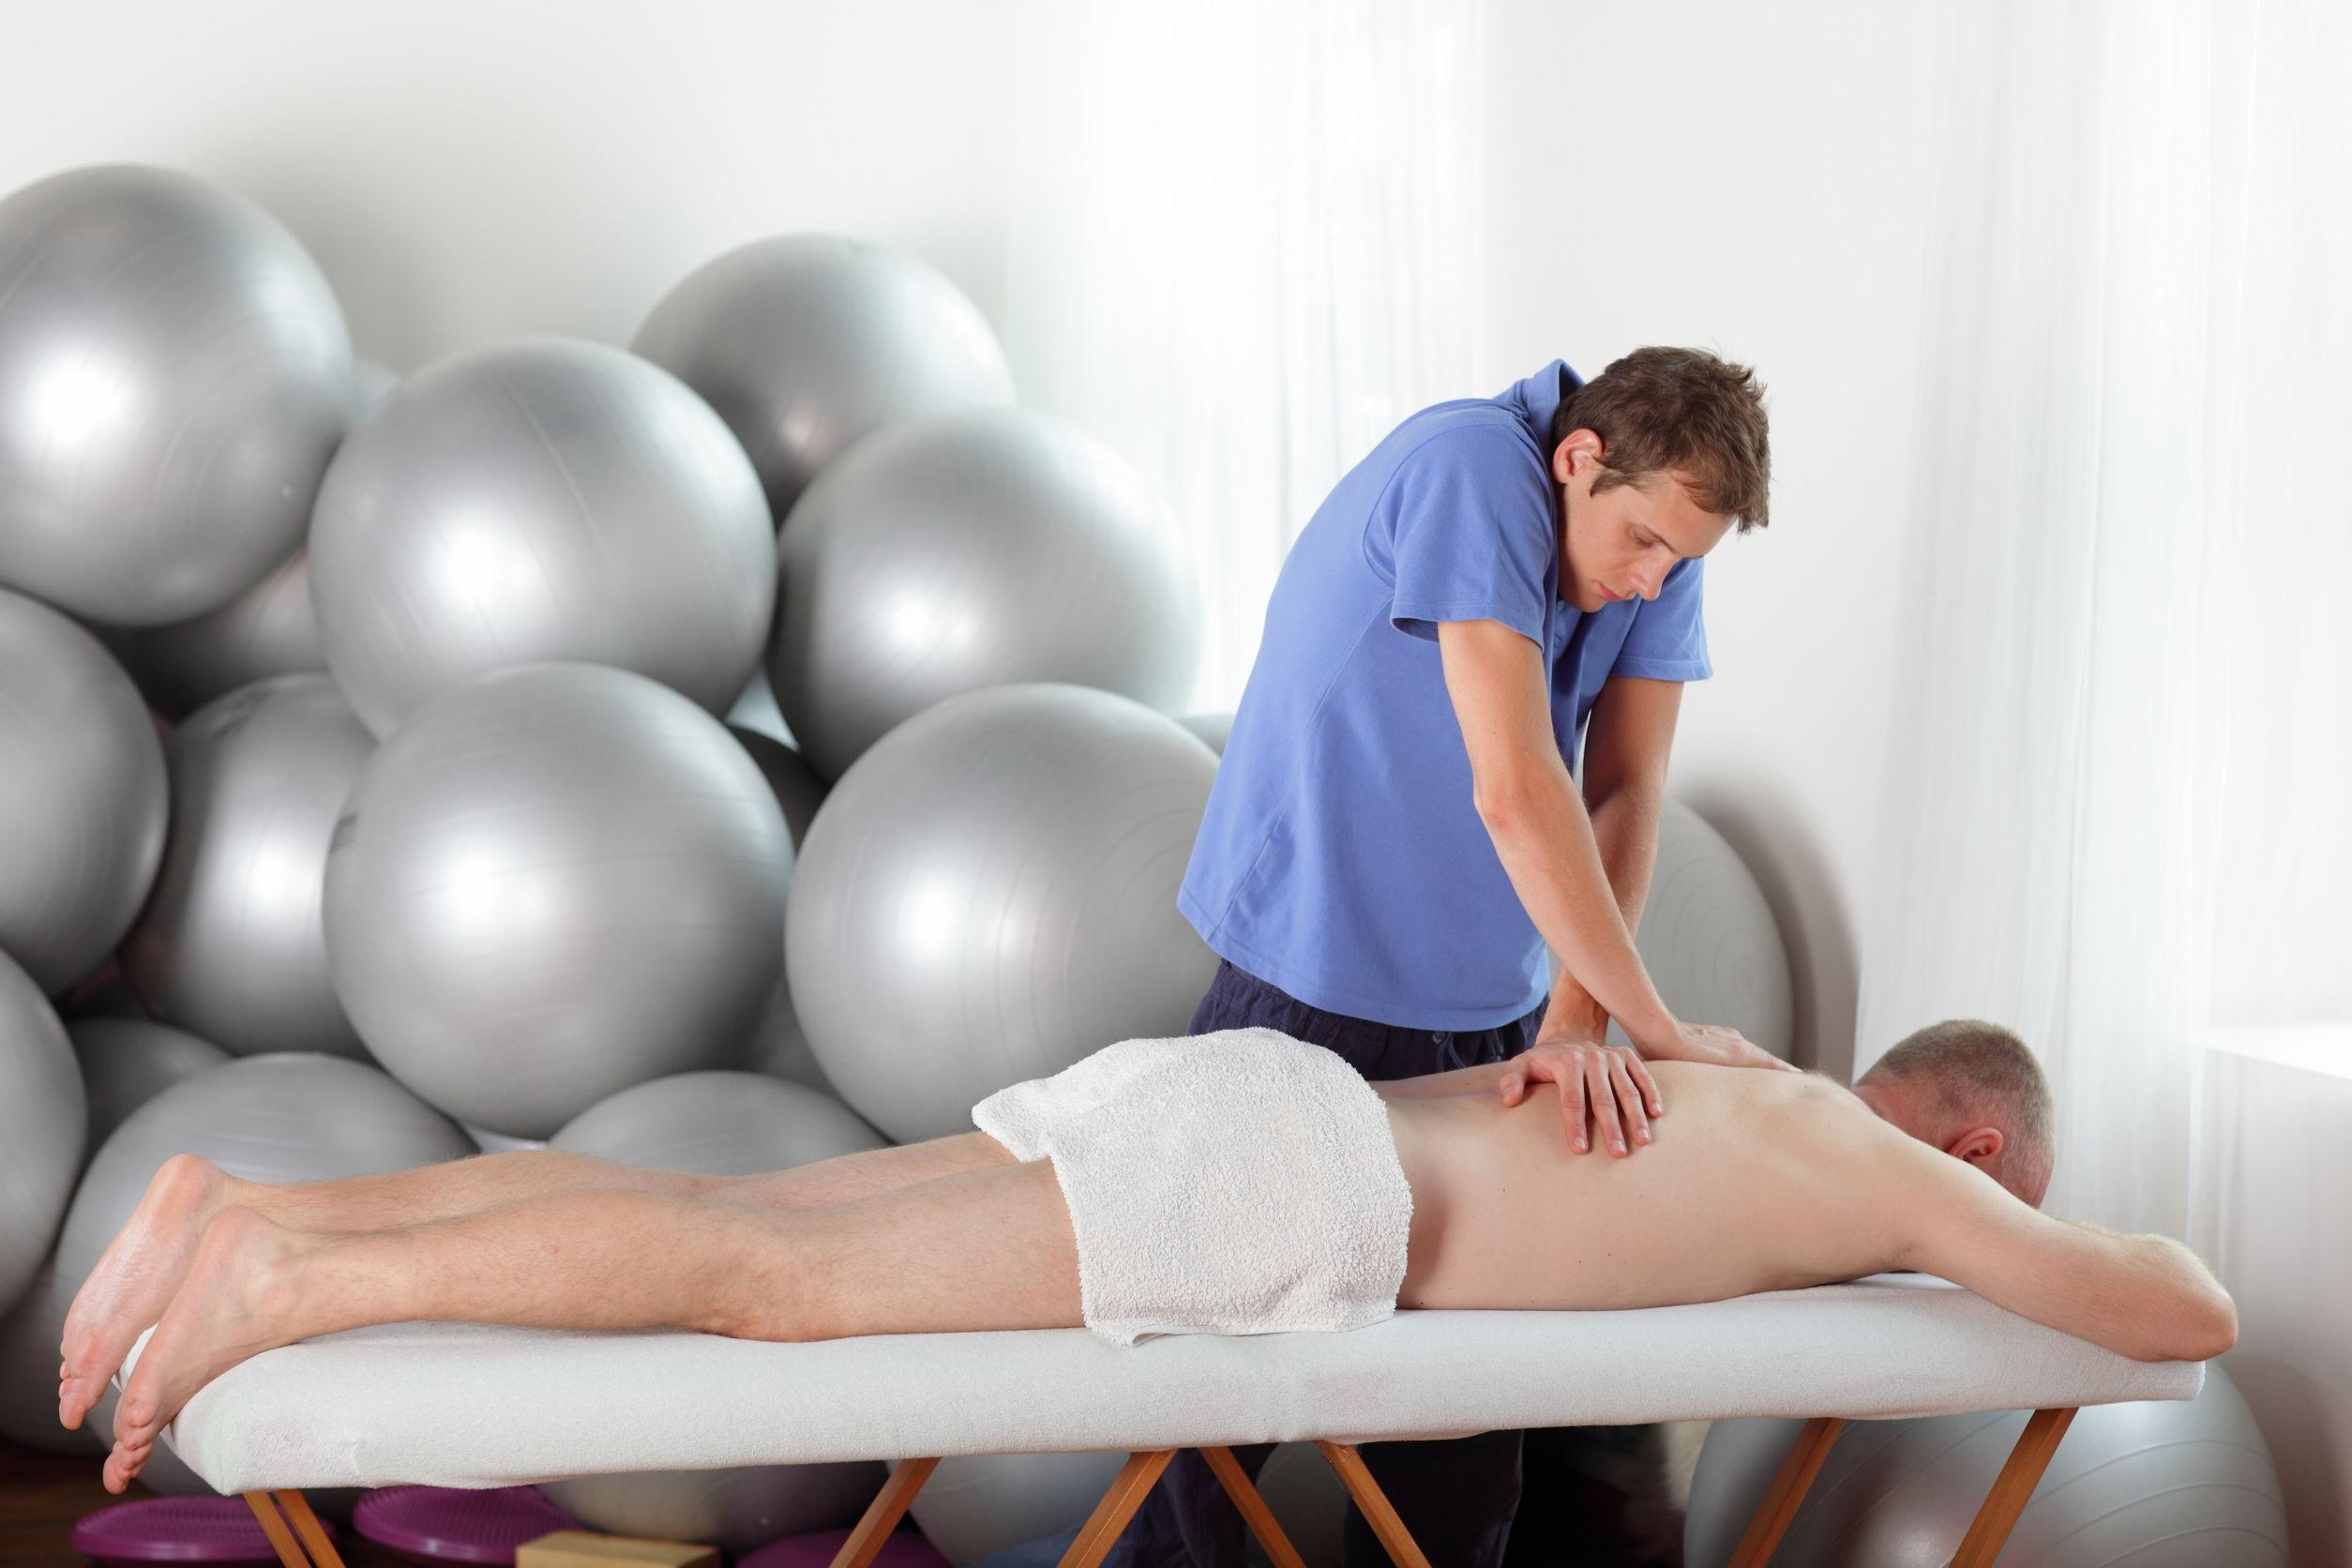 Mann in Behandlung mit Hohlkreuz